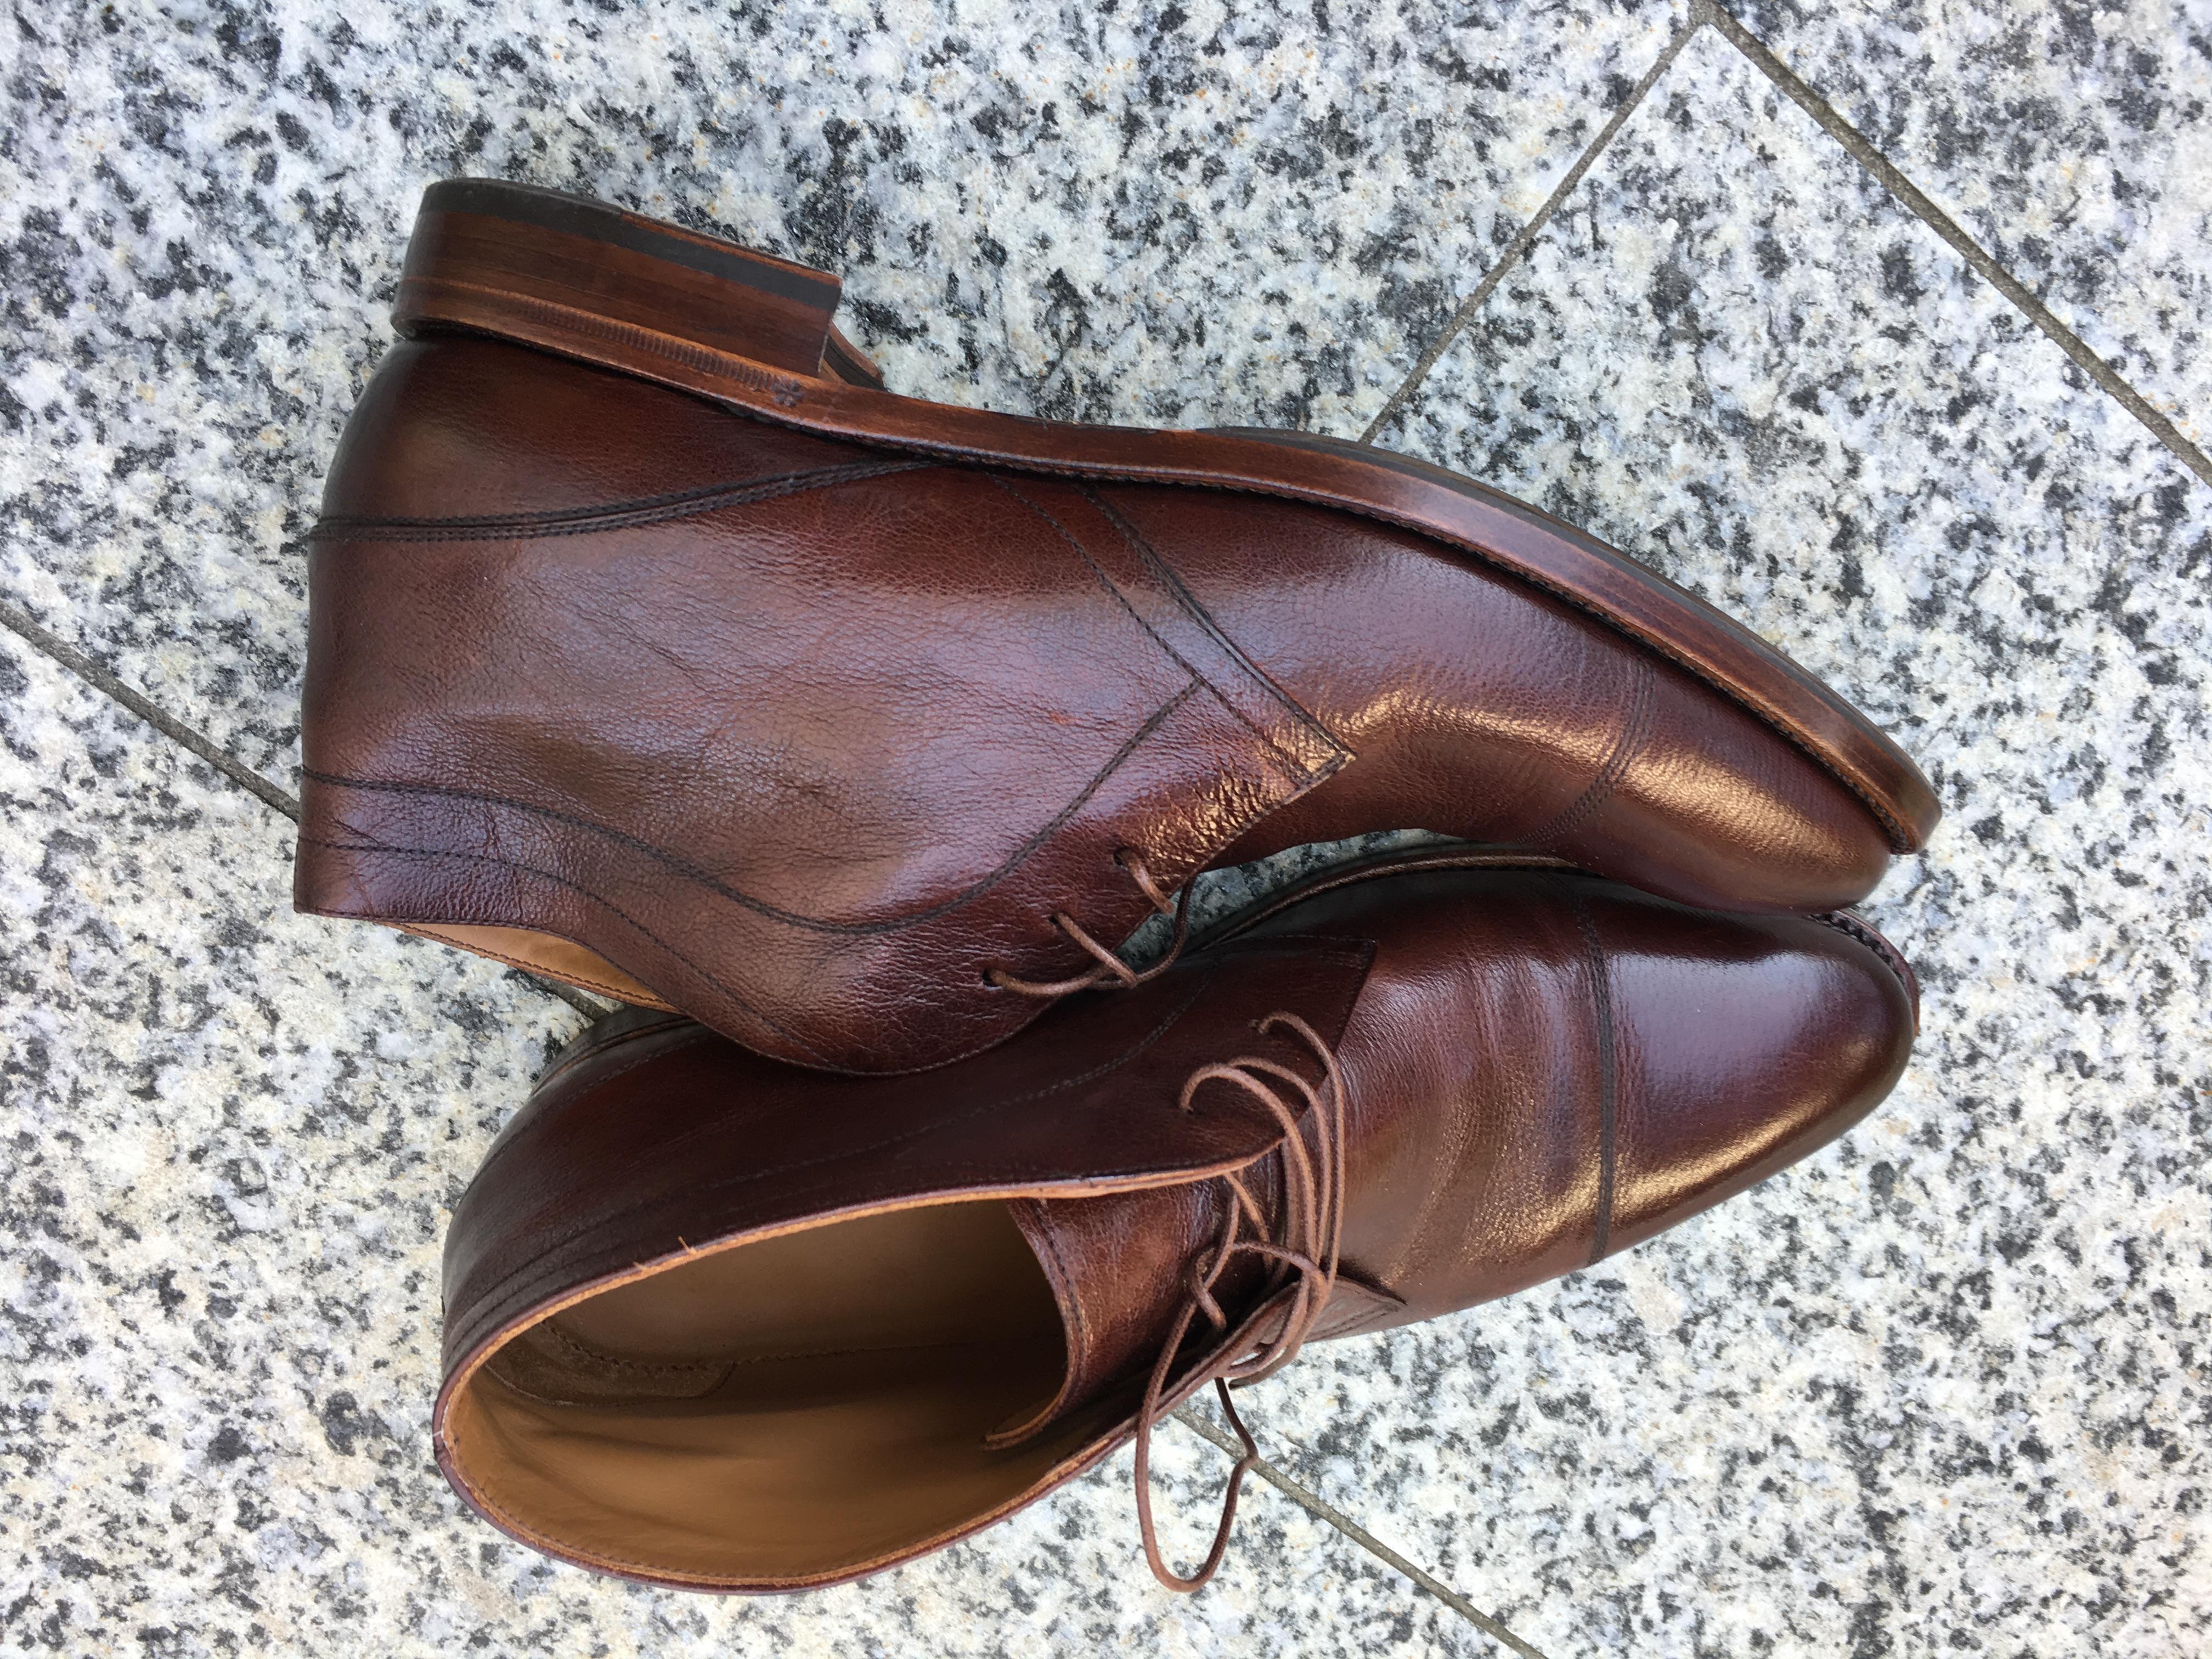 147a7a30484f4a Gute Schuhe! Was tragt ihr   Archiv  - Seite 24 - R-L-X Das Forum